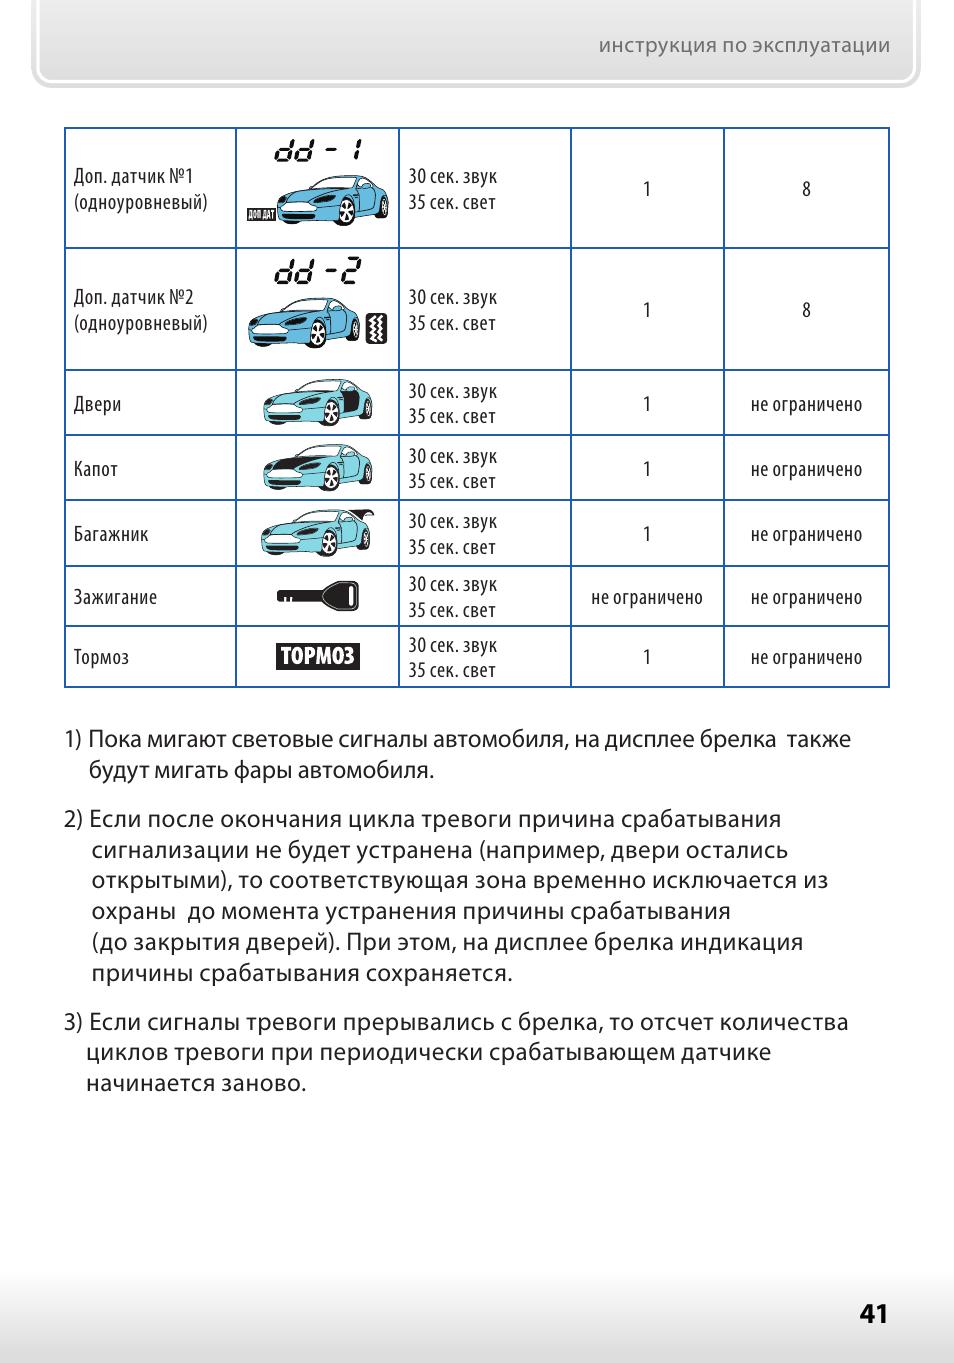 инструкция по эксплуатации starline a39-cn